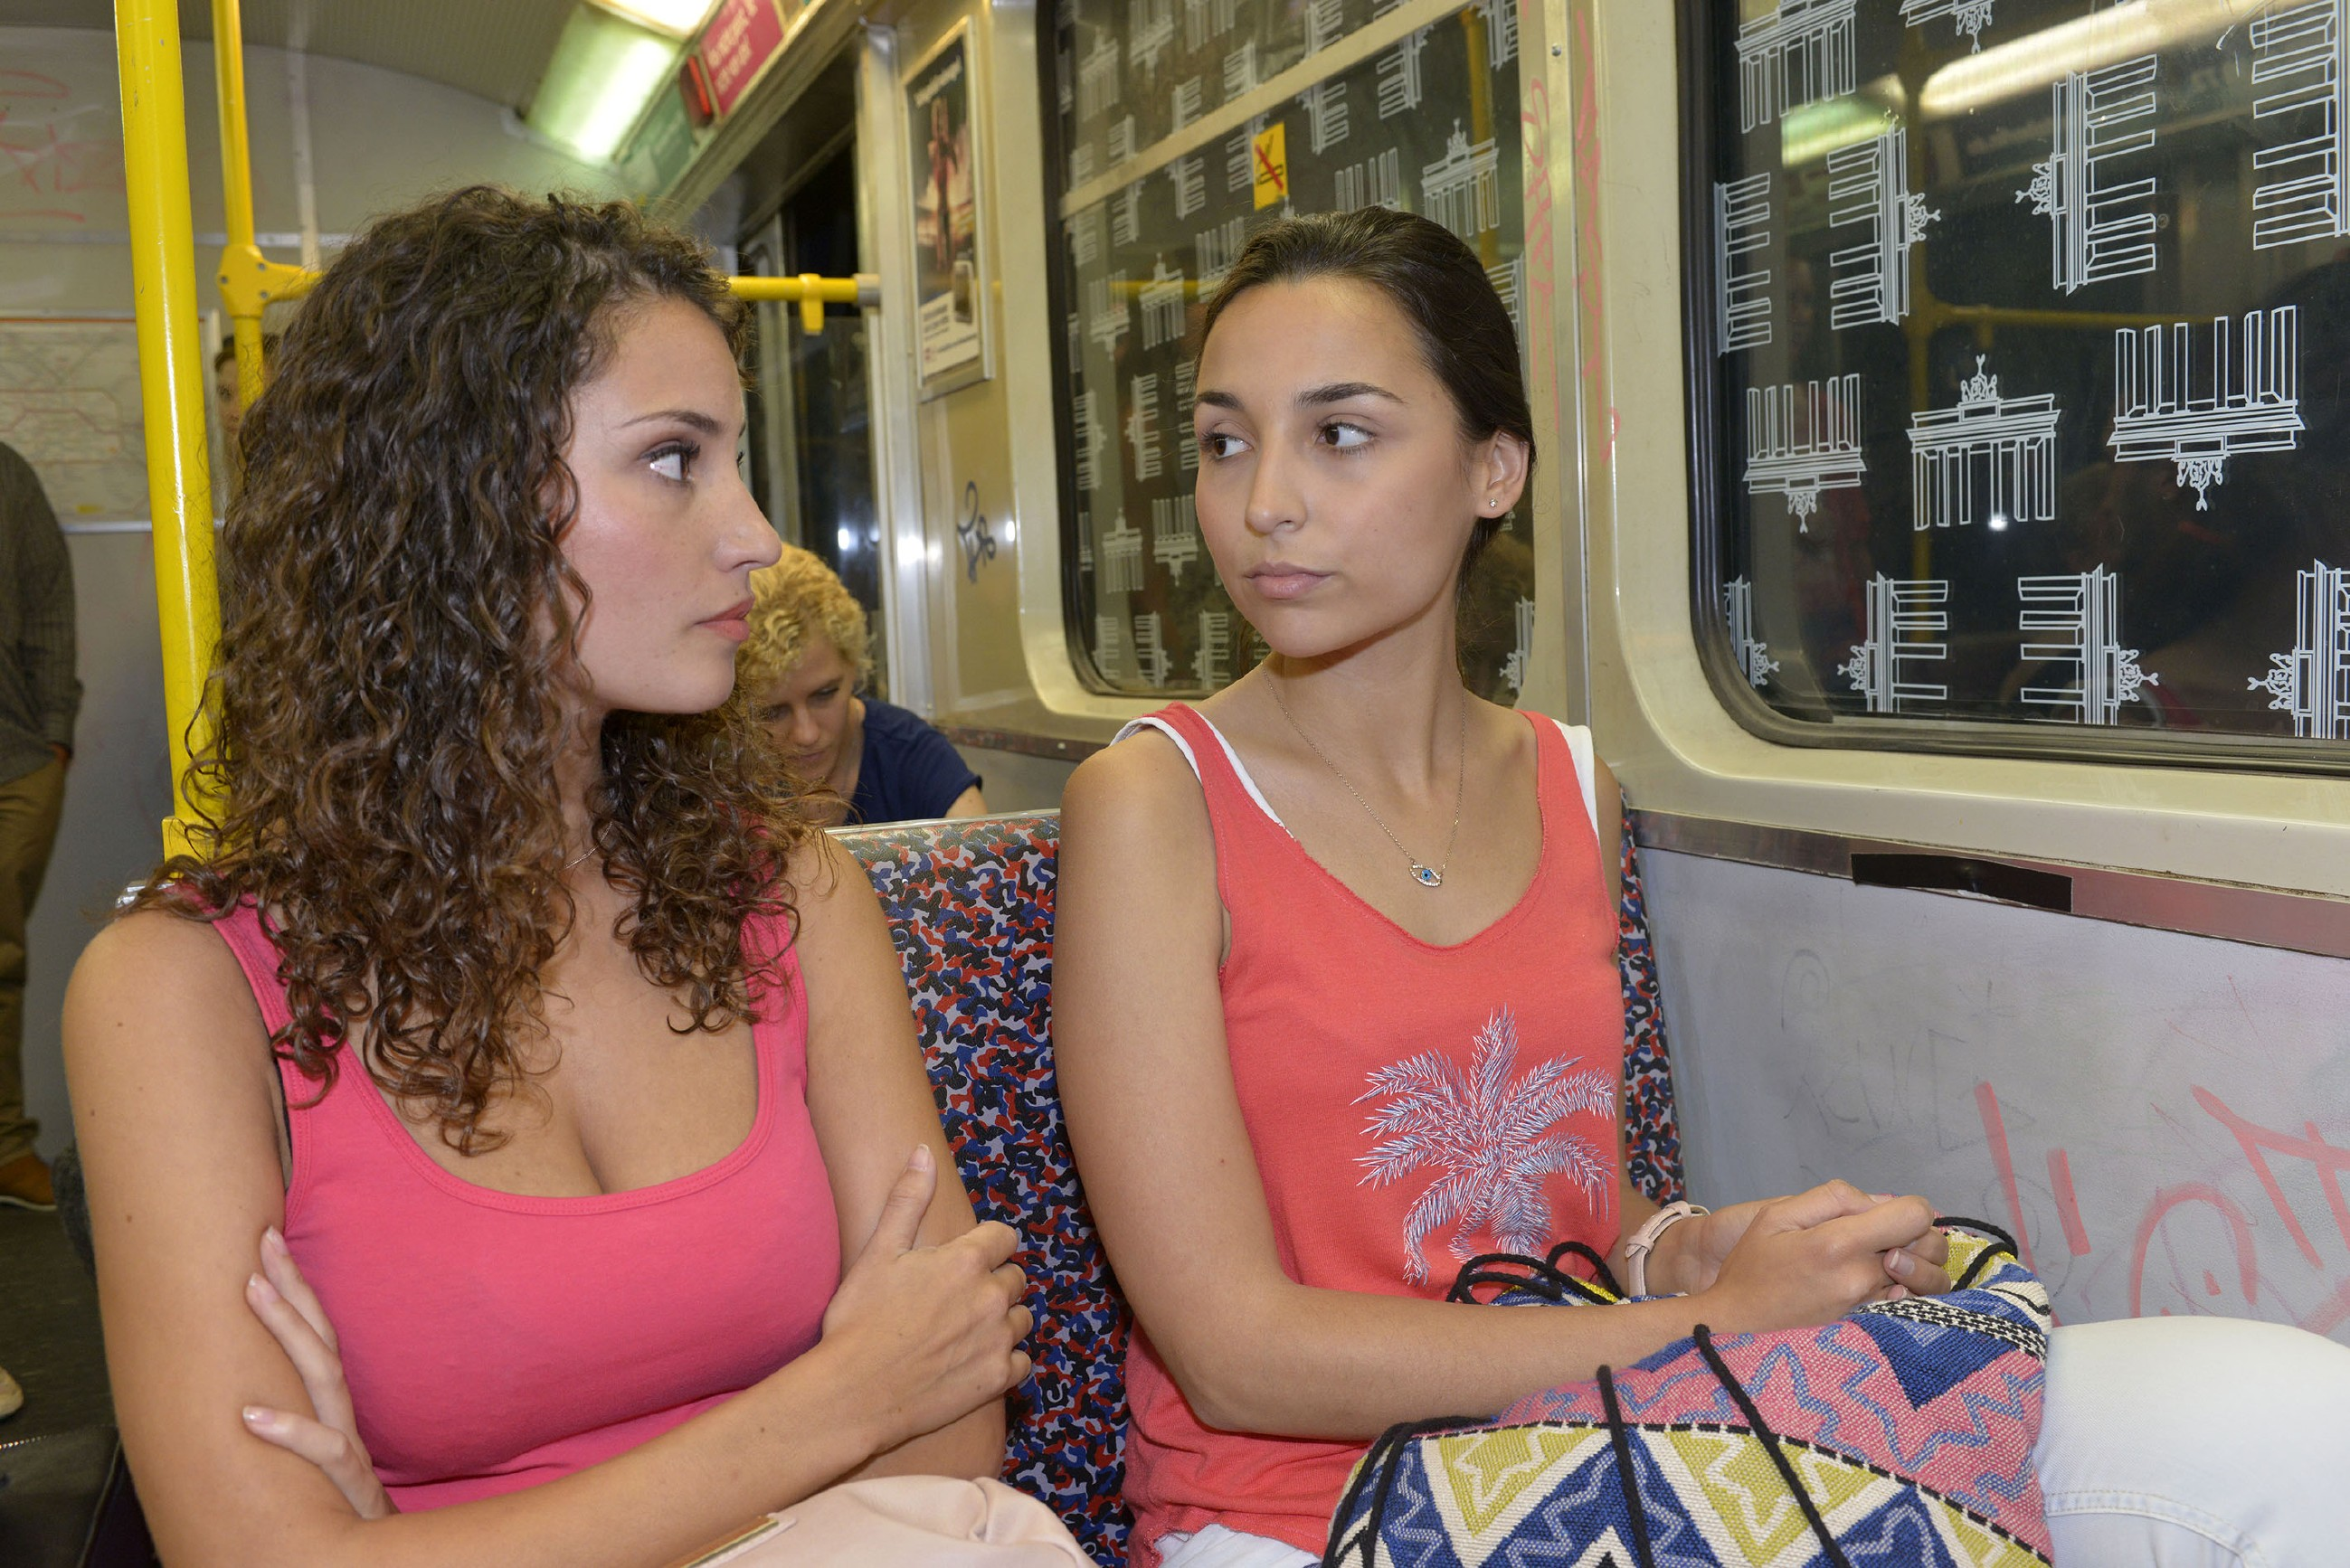 Ayla (Nadine Menz, l.) erkennt, dass es für Selma (Rona Özkan) keinen Weg zurück gibt: sie wird Berlin verlassen.